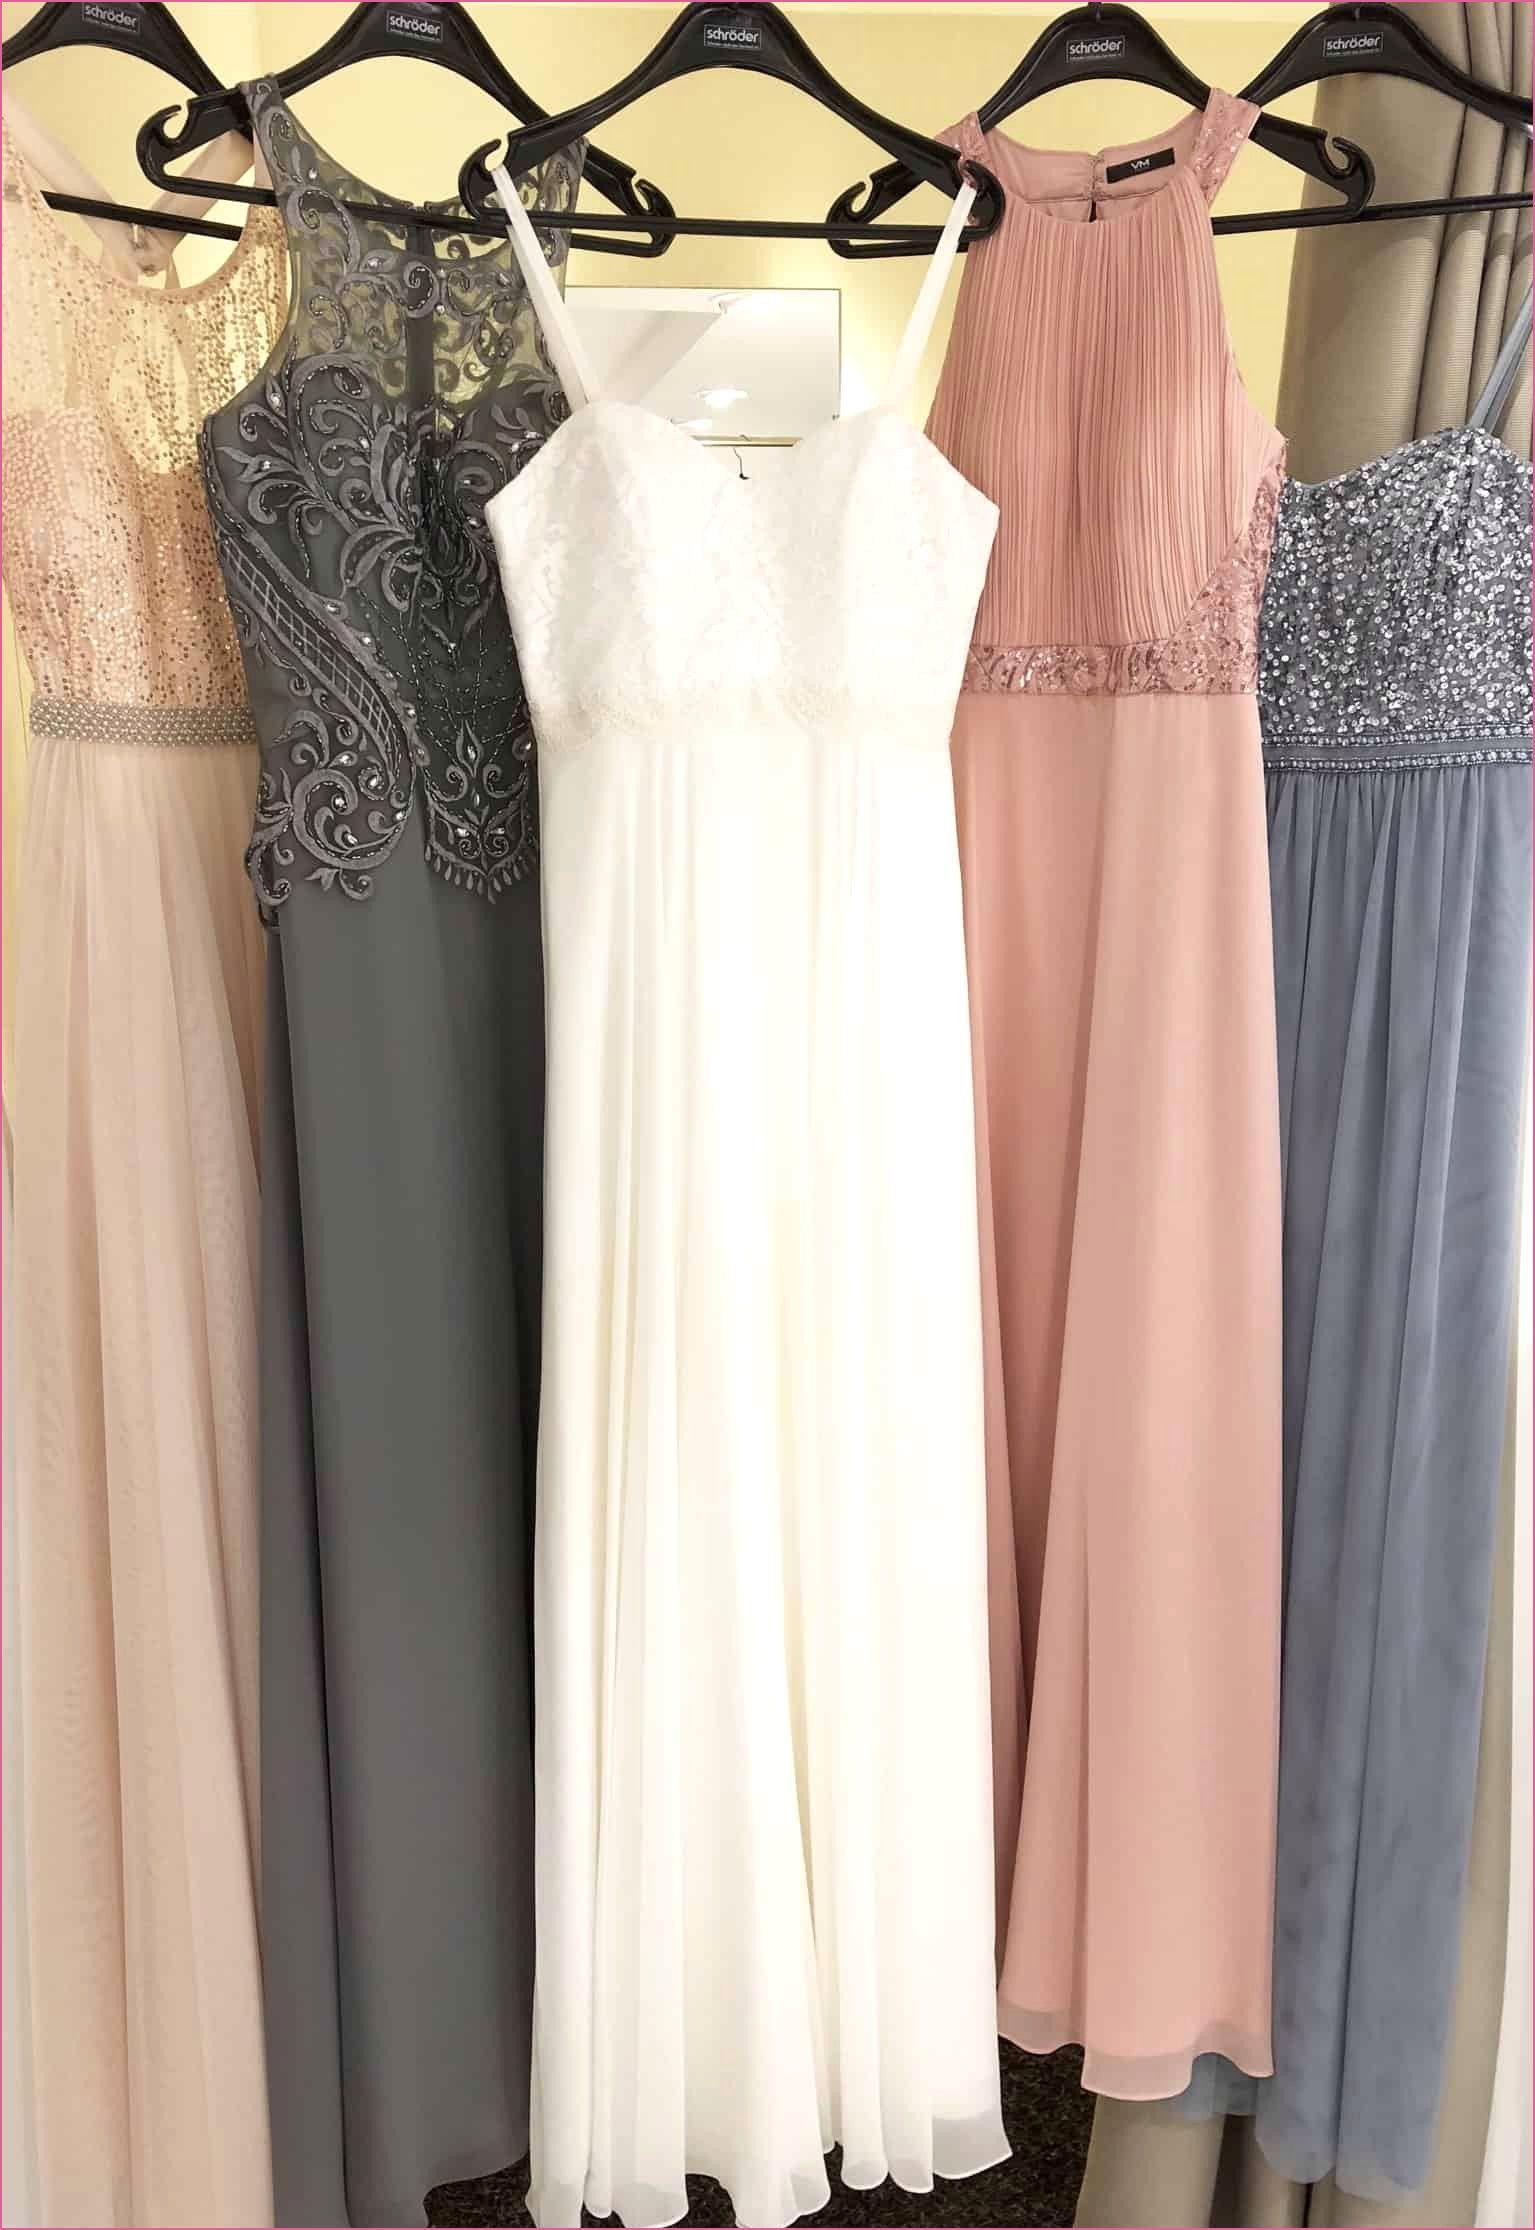 Kleid Standesamt Trauzeugin - - Kleid Standesamt Trauzeugin Kleid